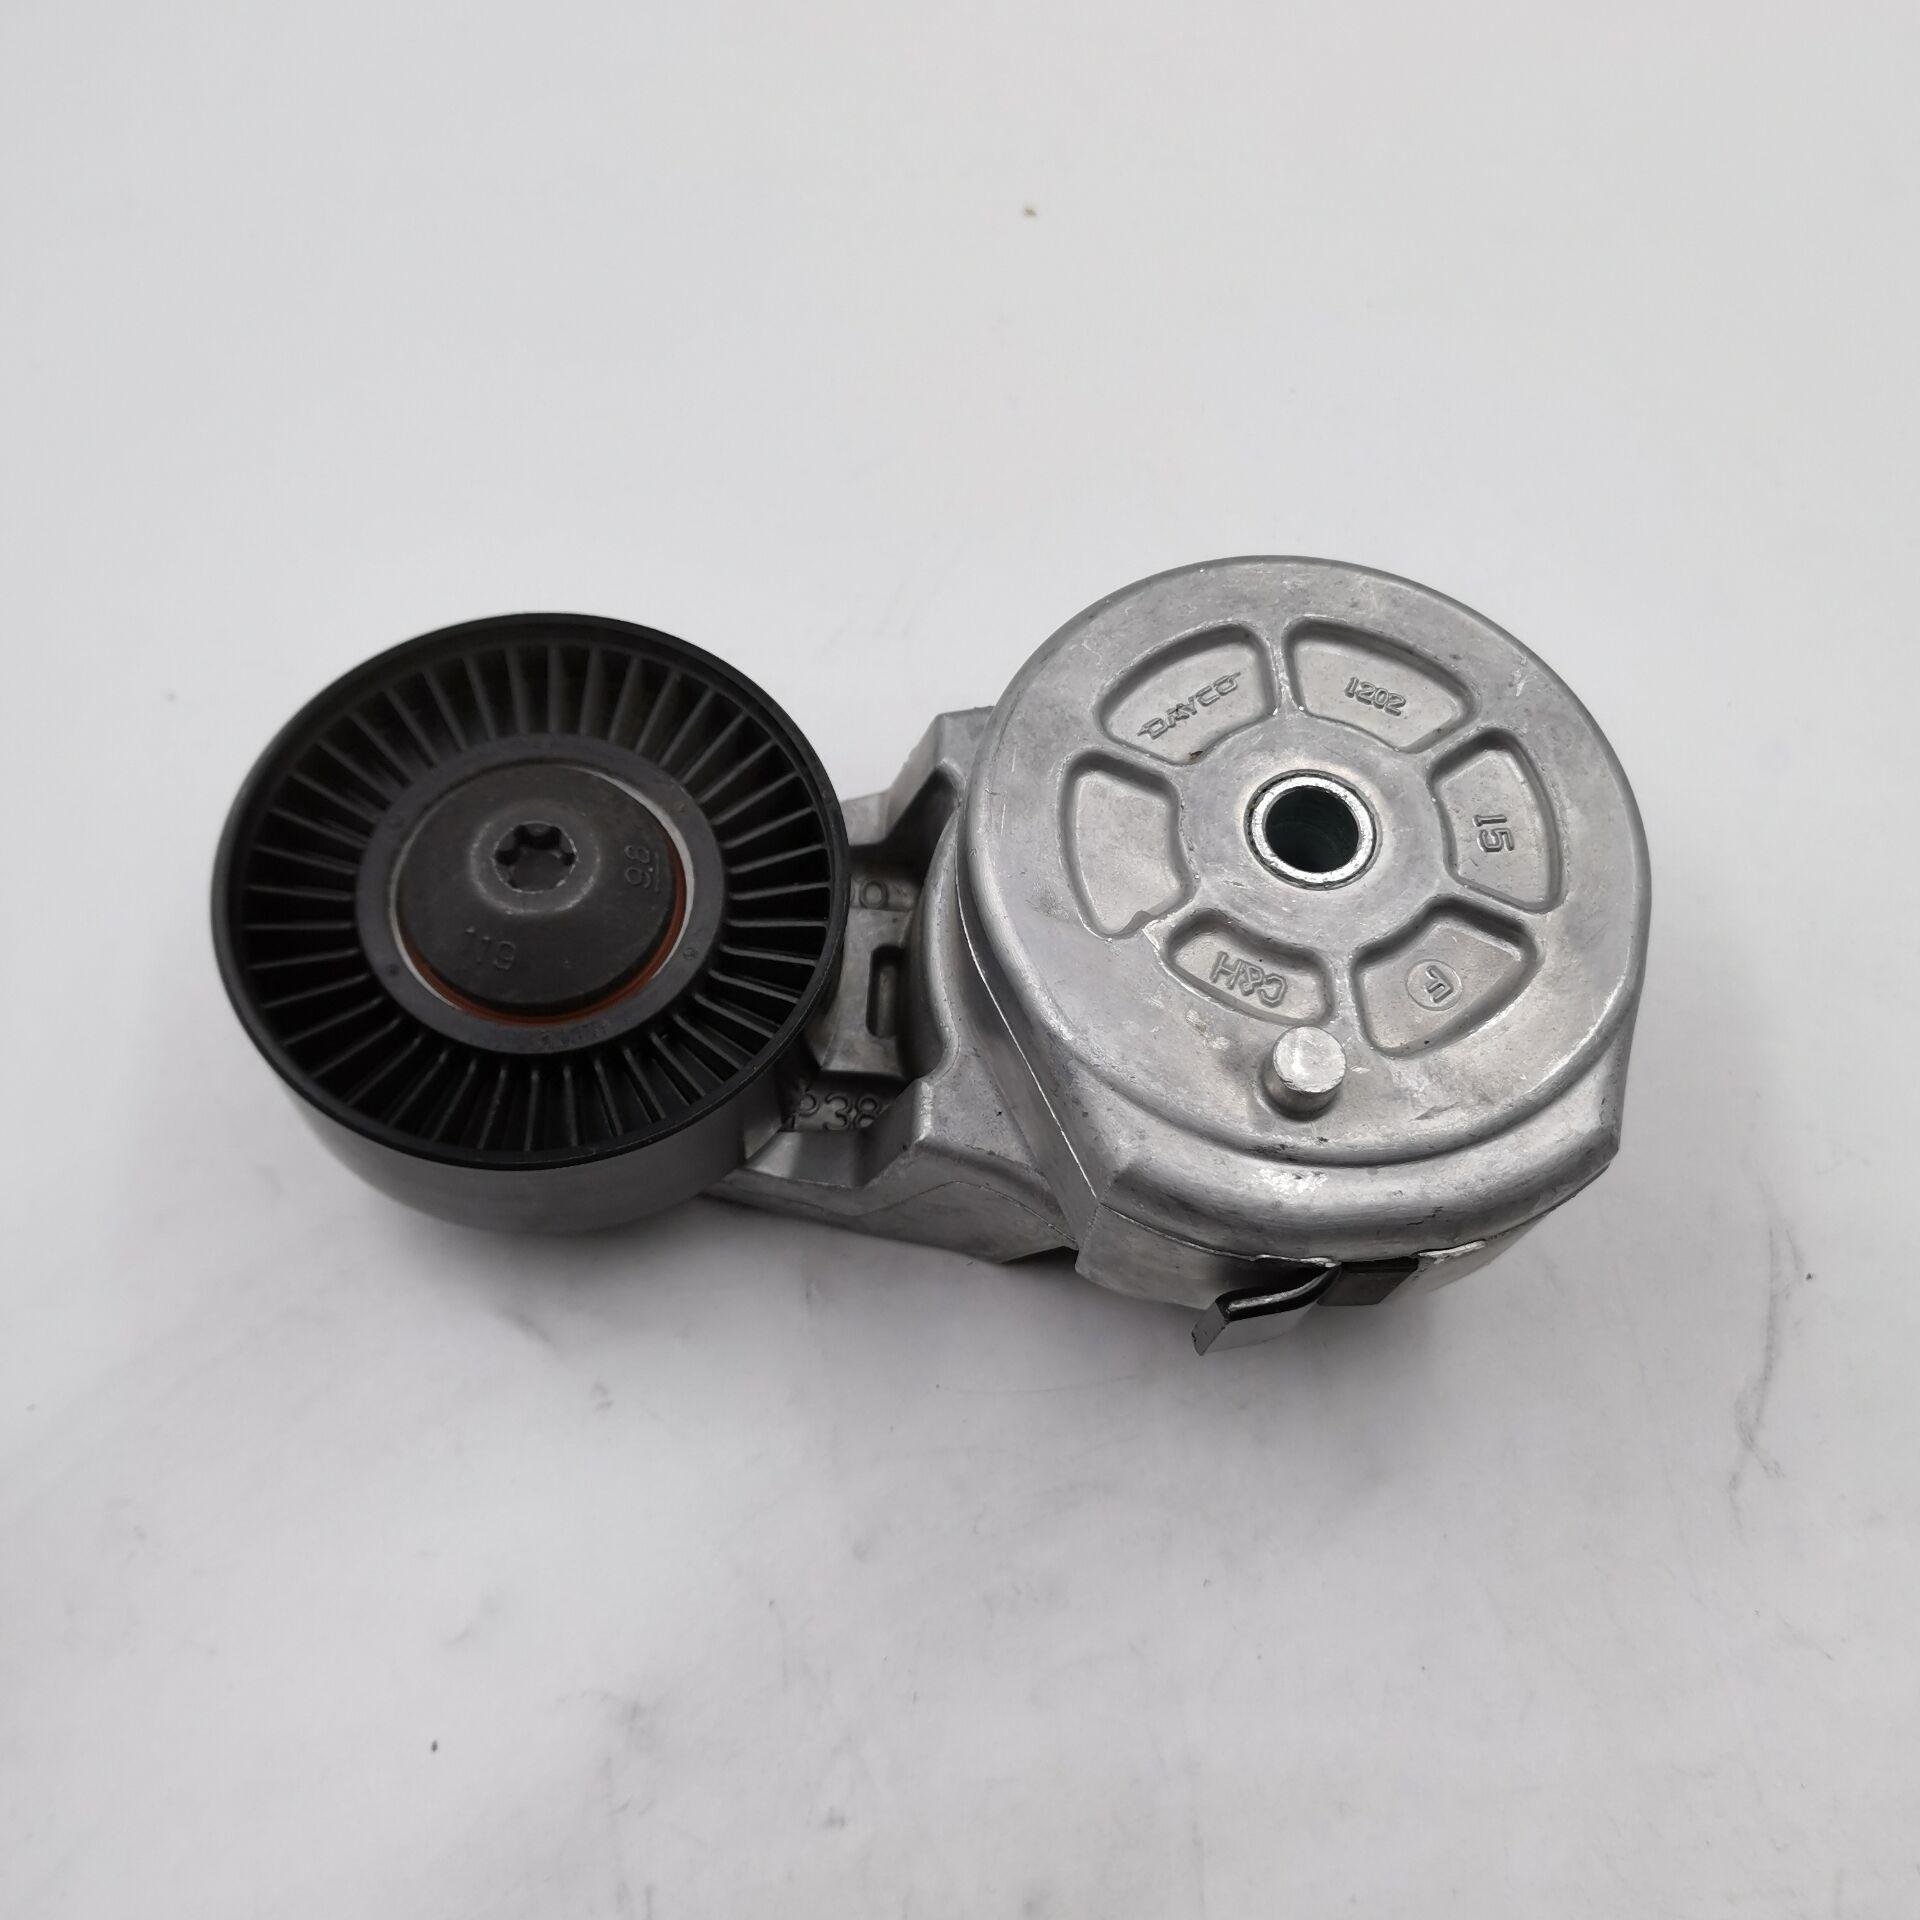 BELT TENSIONER 8971619591 FIT FOR GENERAL MOTOR